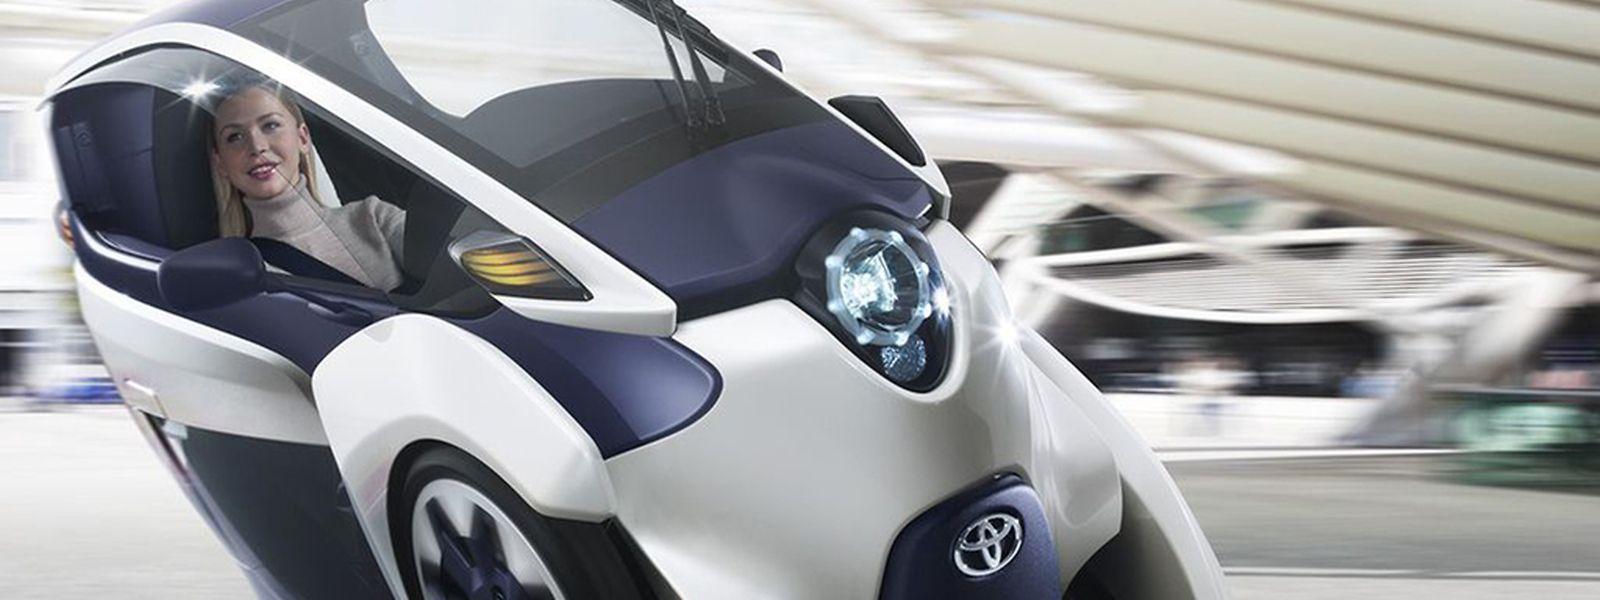 Auf dem Genfer Salon 2013 vorgestellt, ab Oktober im öffentlichen Verkehr unterwegs: Im Rahmen eines Carsharing-Angebots kann in der französischen Stadt Grenoble bald der Toyota i-Road genutzt werden.